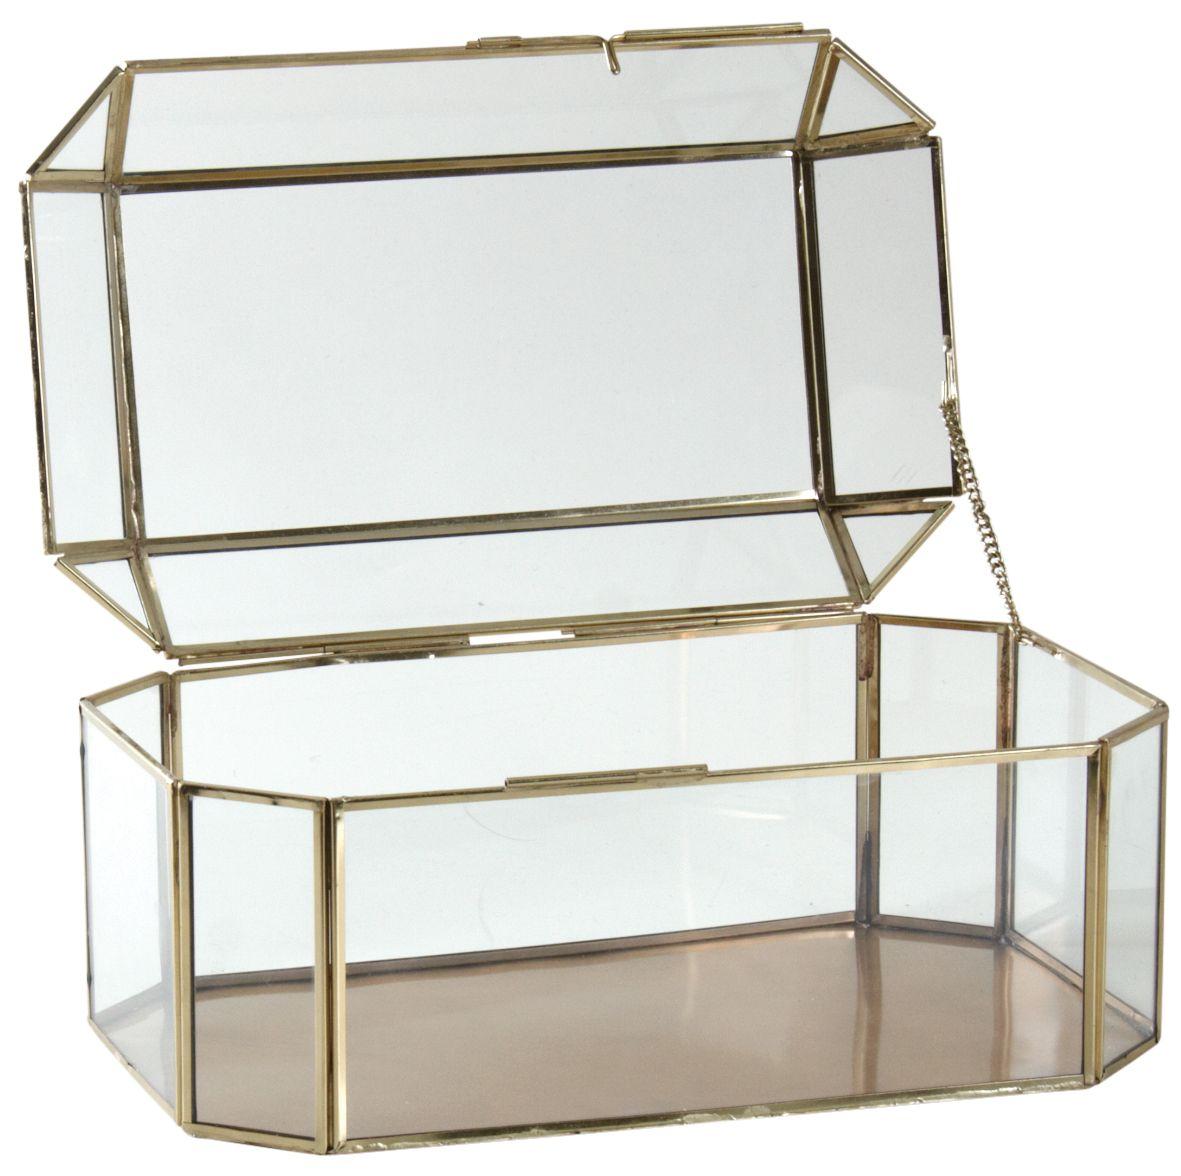 grand coffret bijoux en laiton et verre. Black Bedroom Furniture Sets. Home Design Ideas